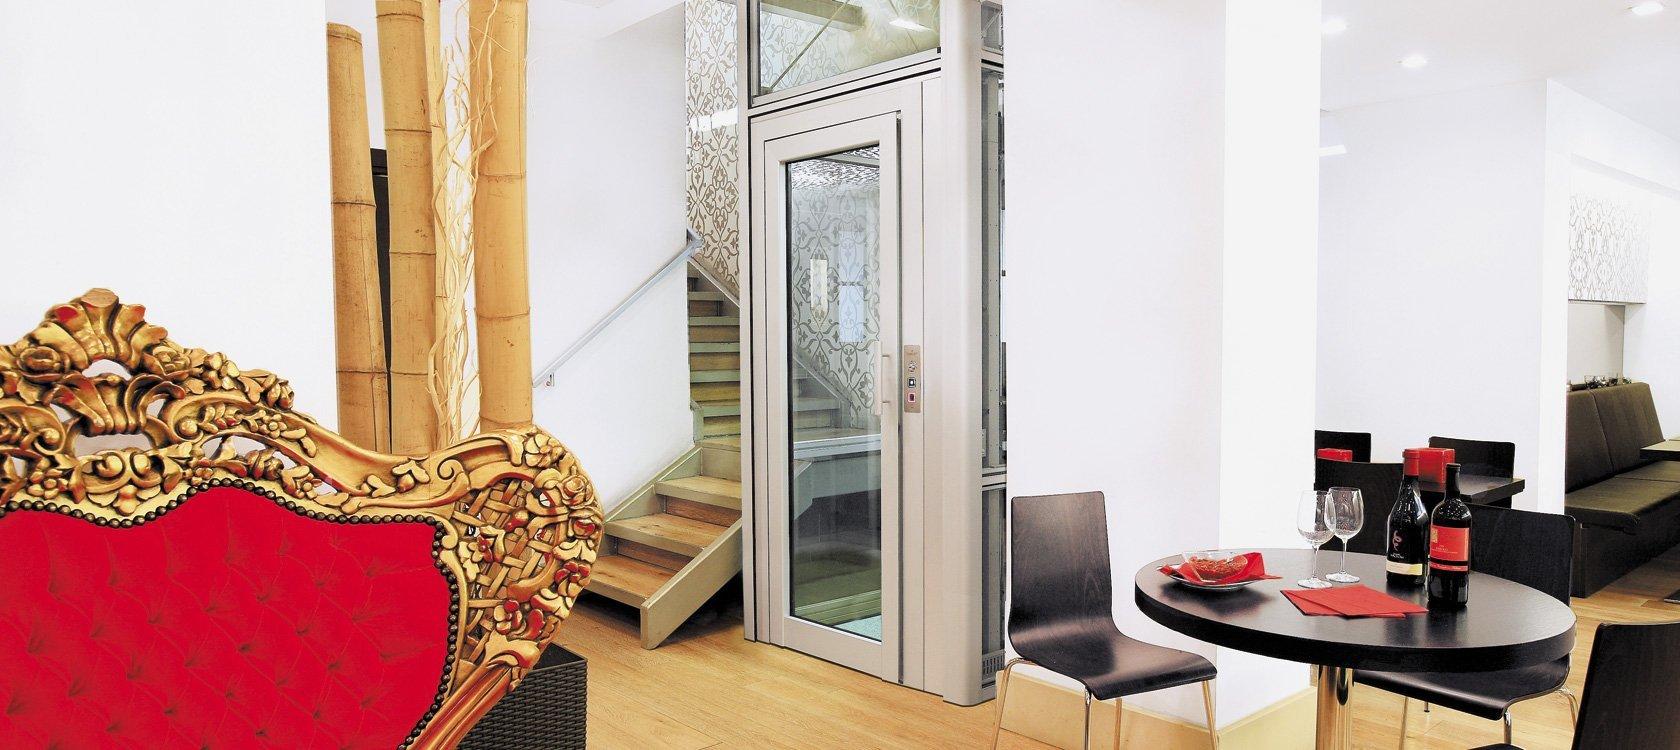 Assistenza tecnica per ascensori e montacarichi